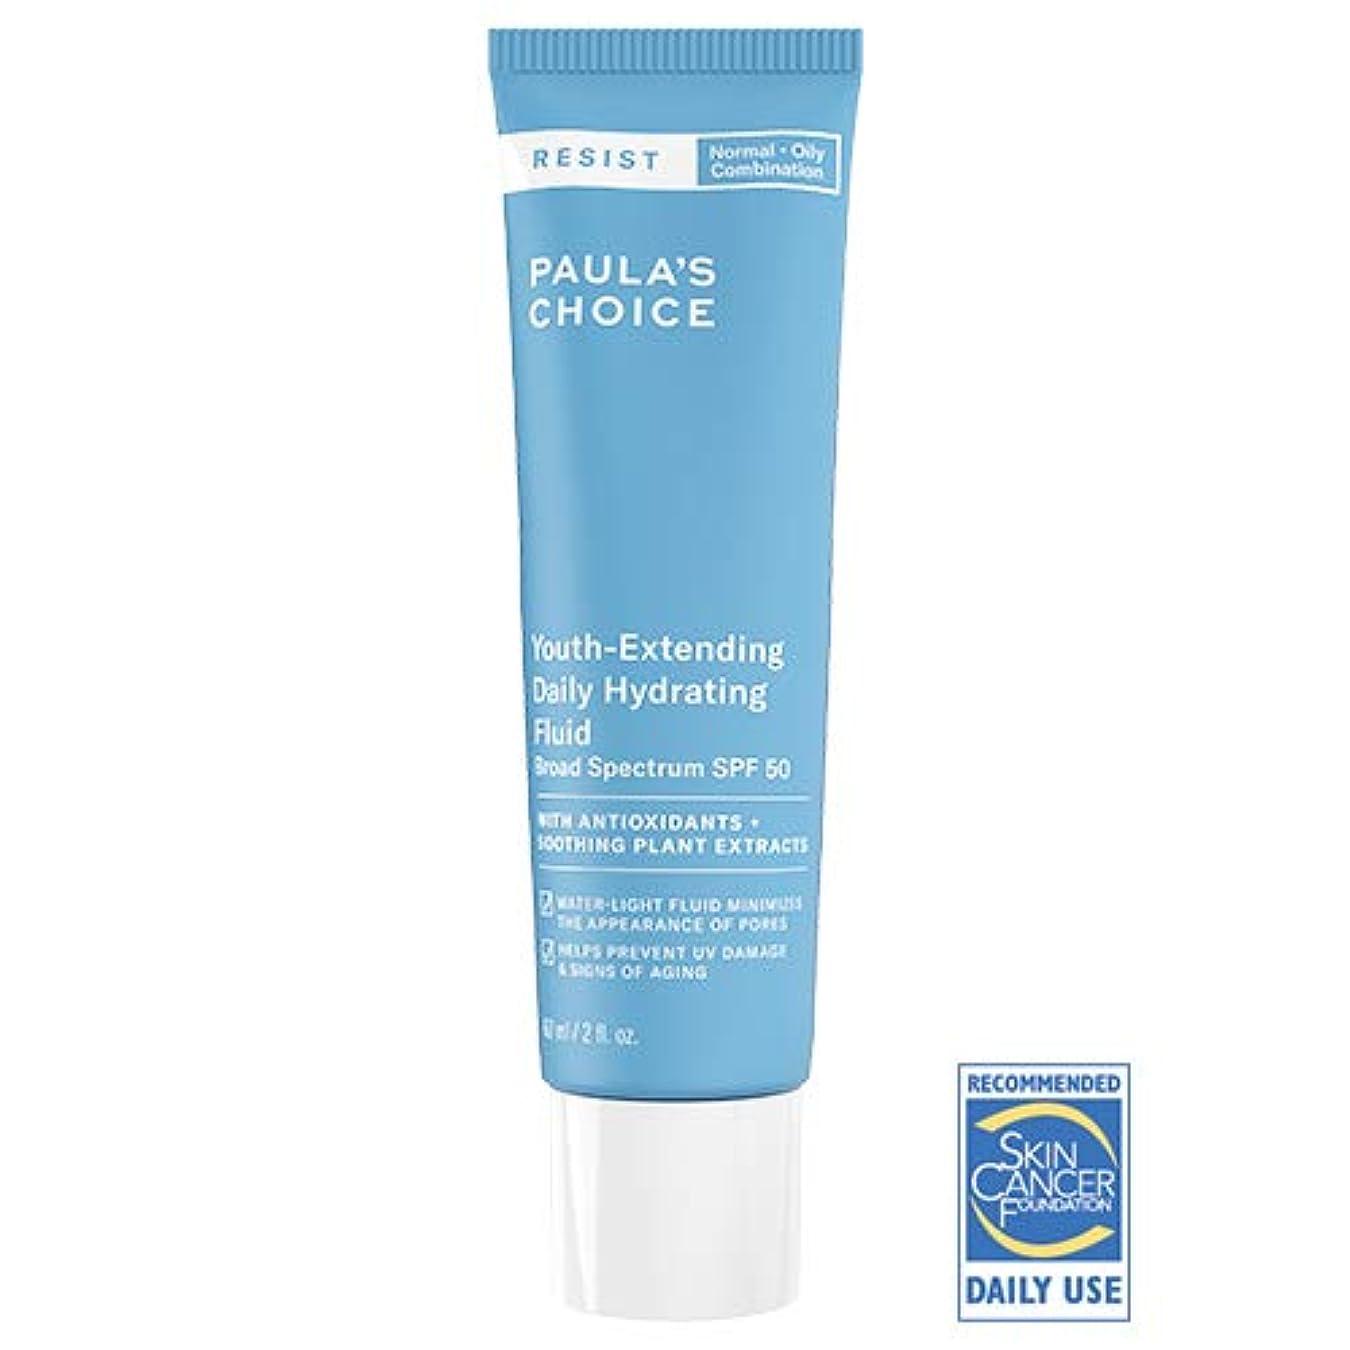 保証する非効率的なスペルポーラチョイス レジスト デイリーフルイド (60ml) SPF50+ / Paula's Choice Resist Daily Fluid